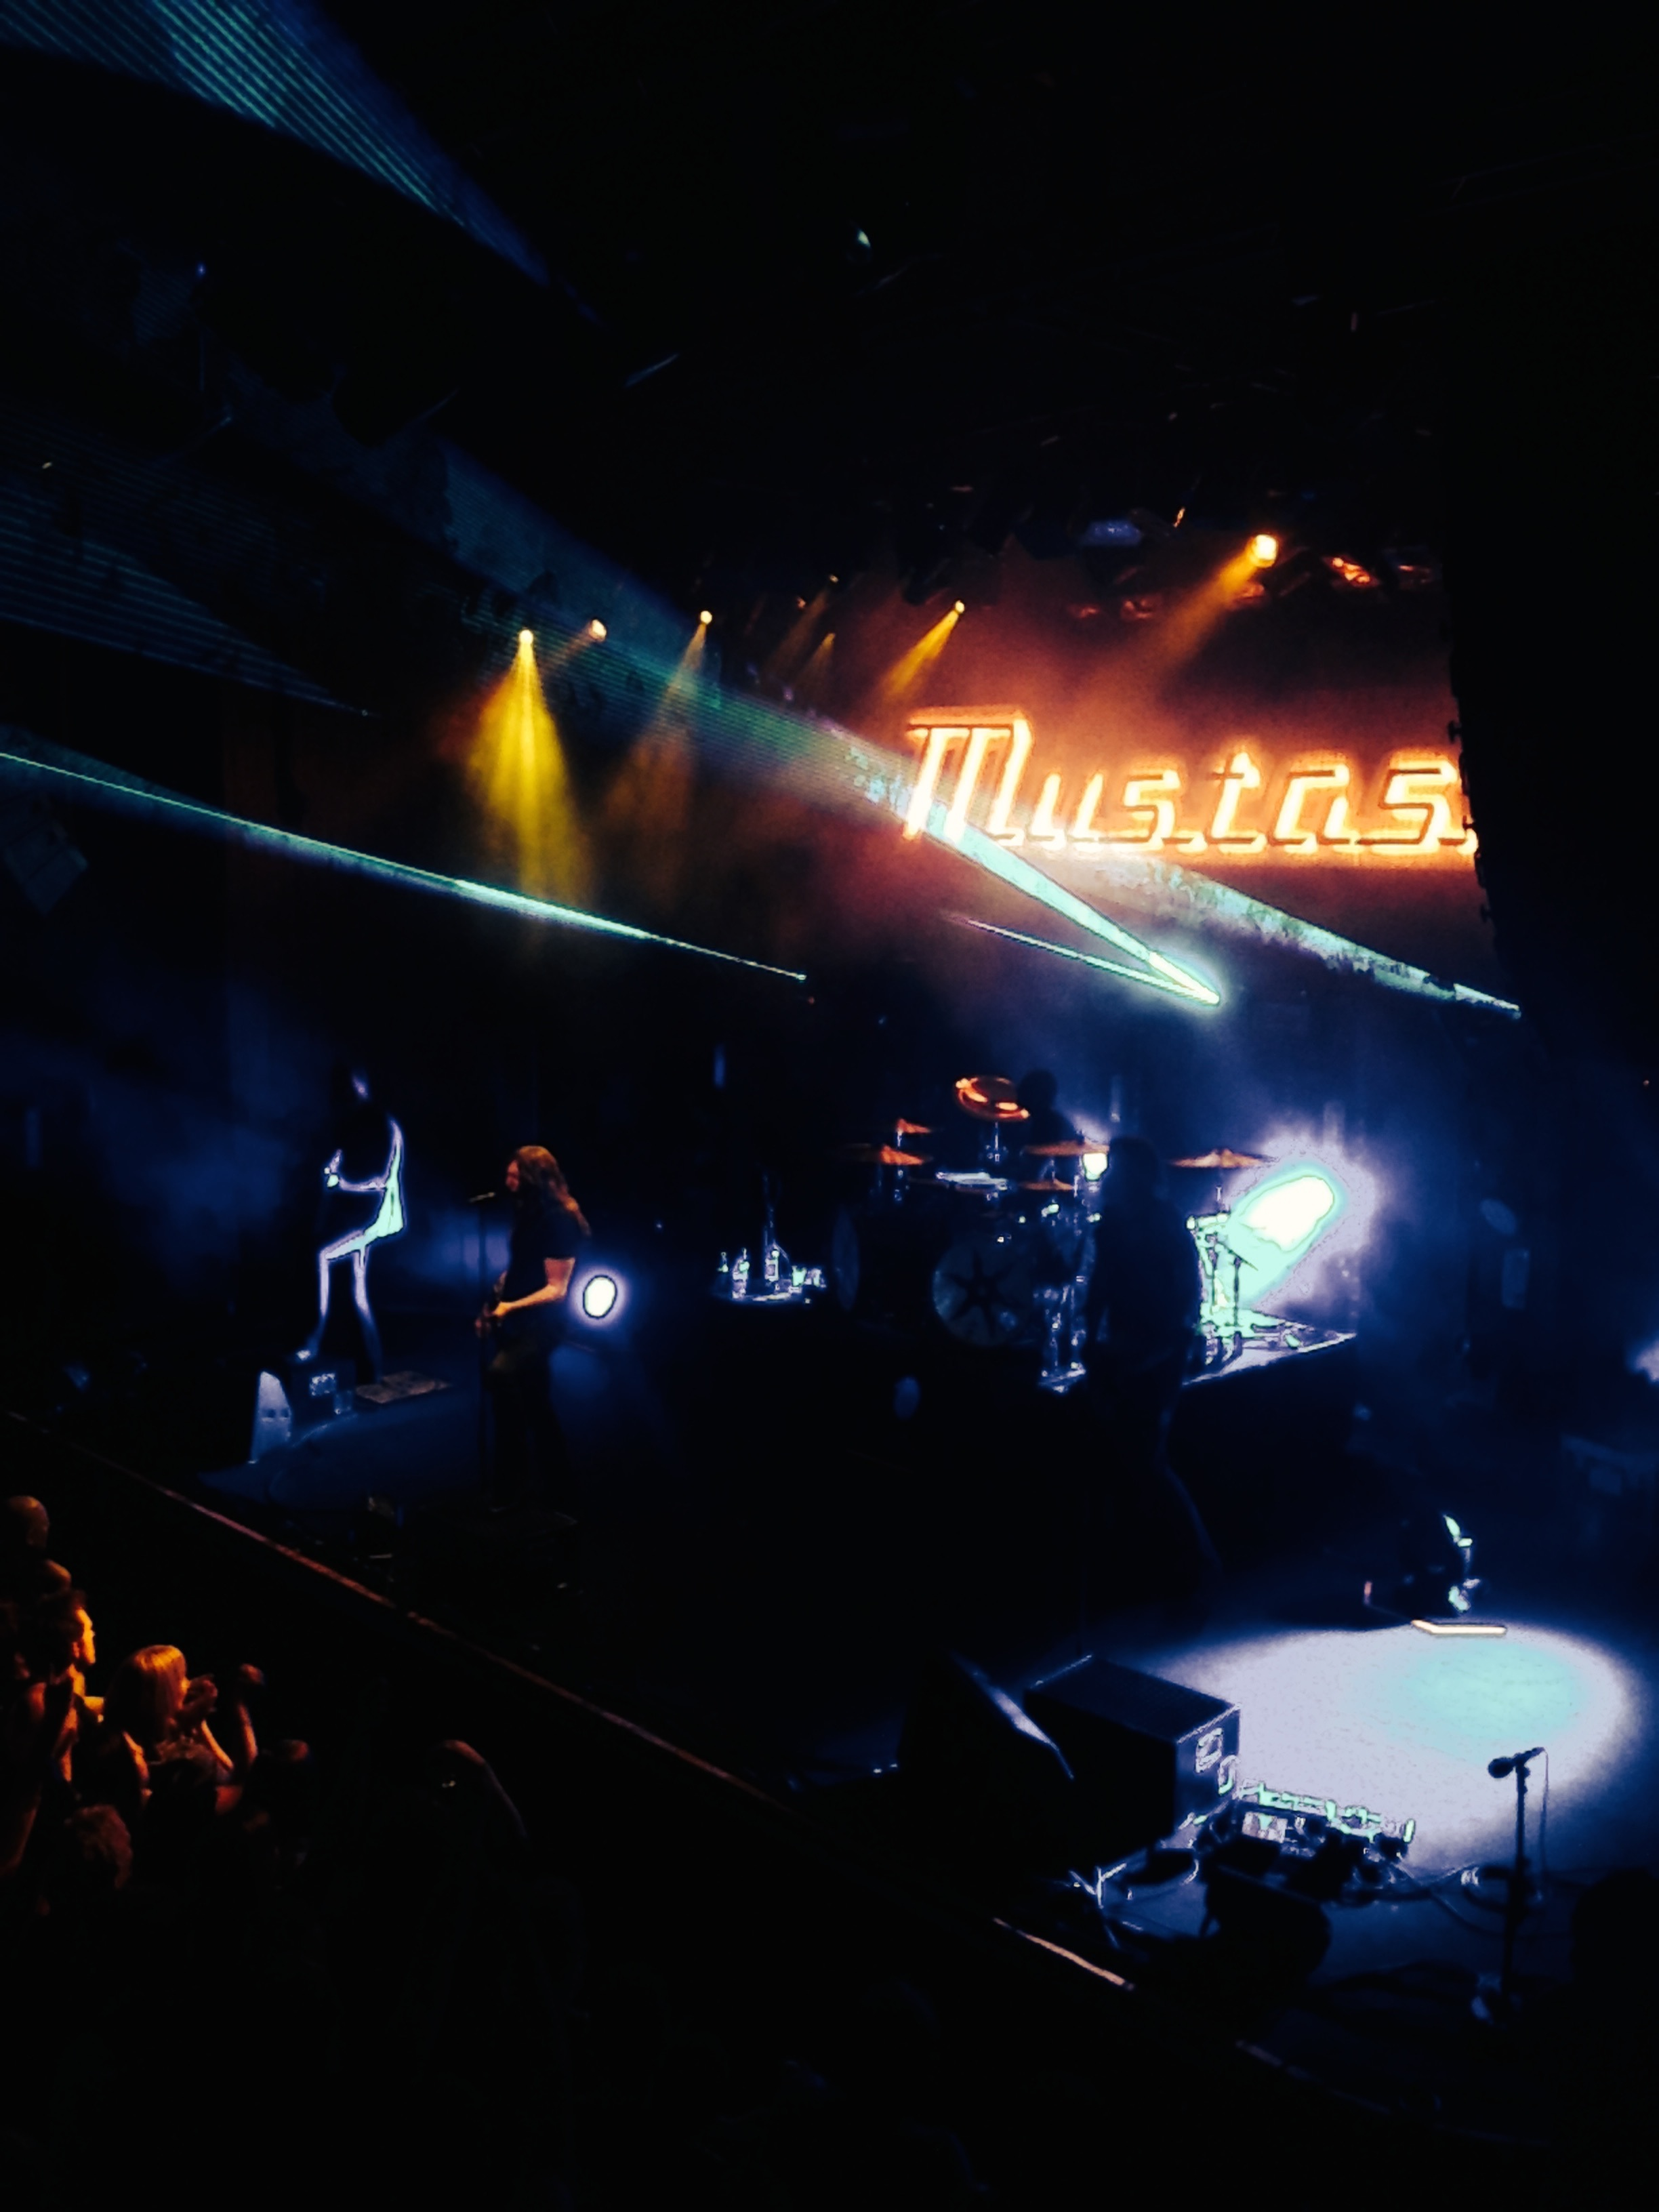 konsert-mustasch-spelning-edh